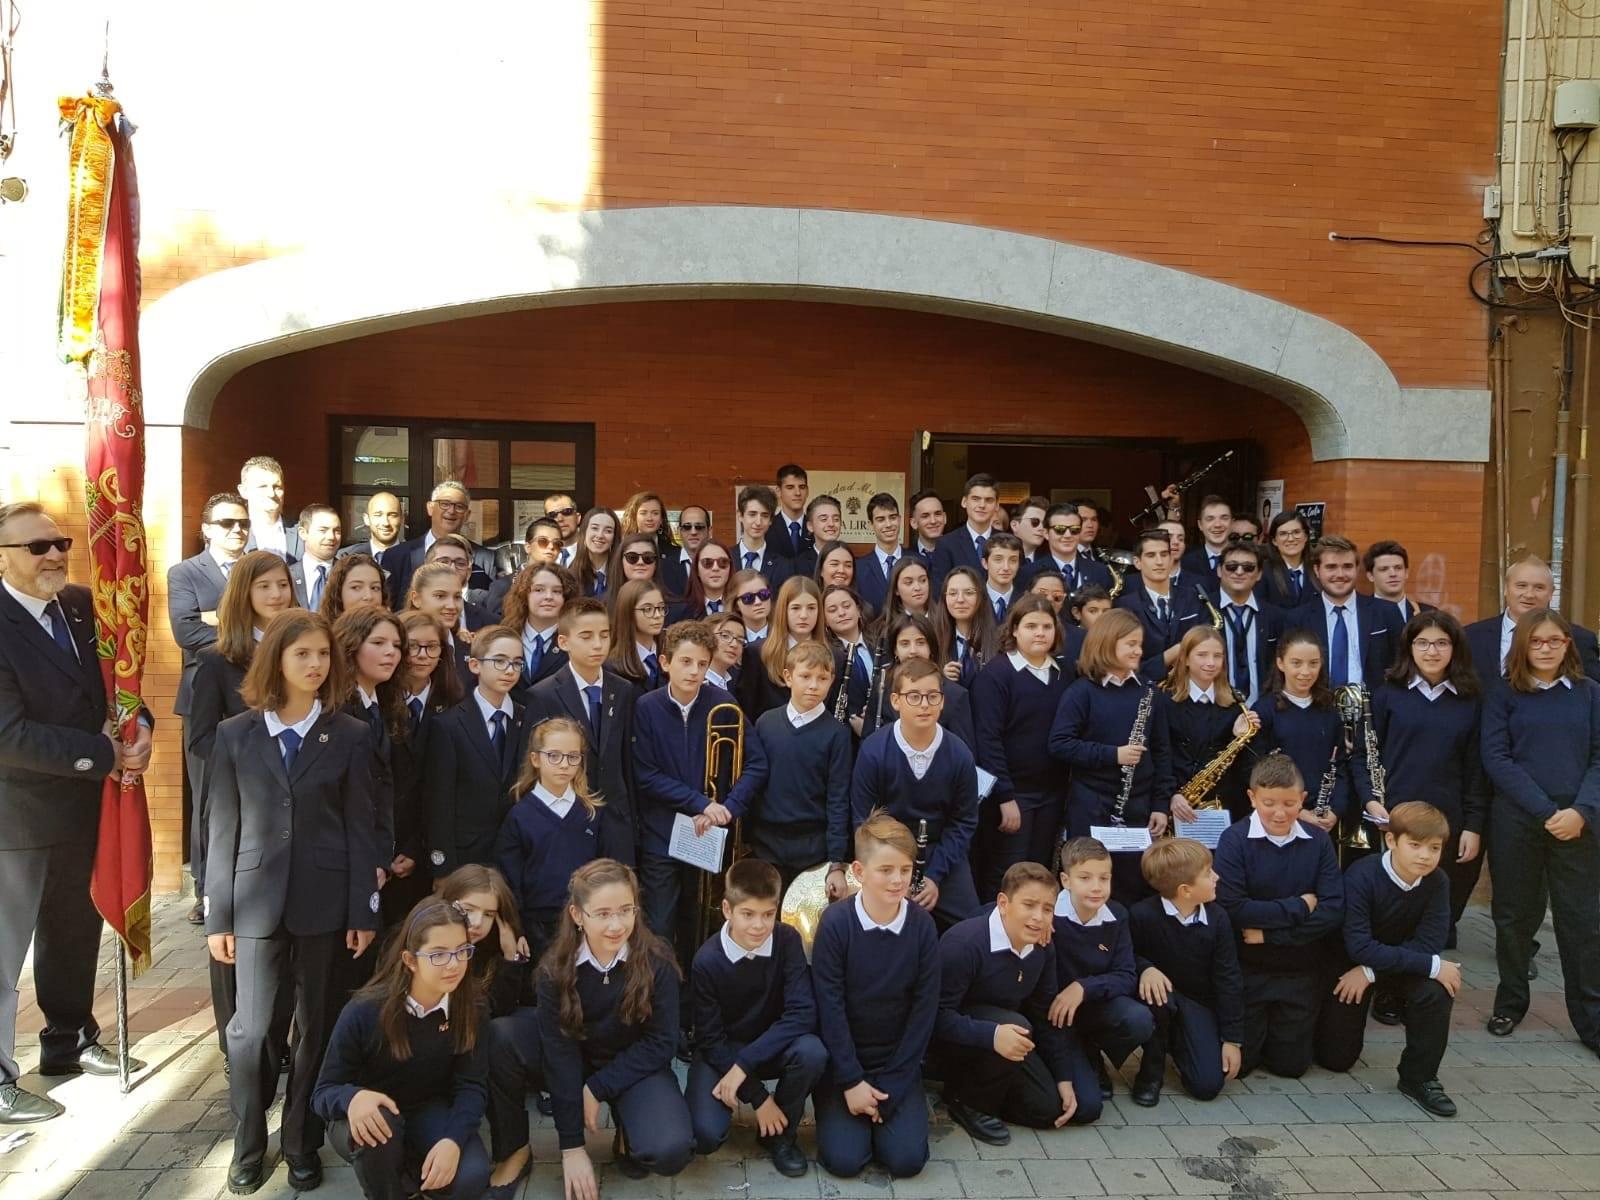 Entrega de instrumentos y conciertos conmemorativos de Santa Cecilia 2018 en Cheste.